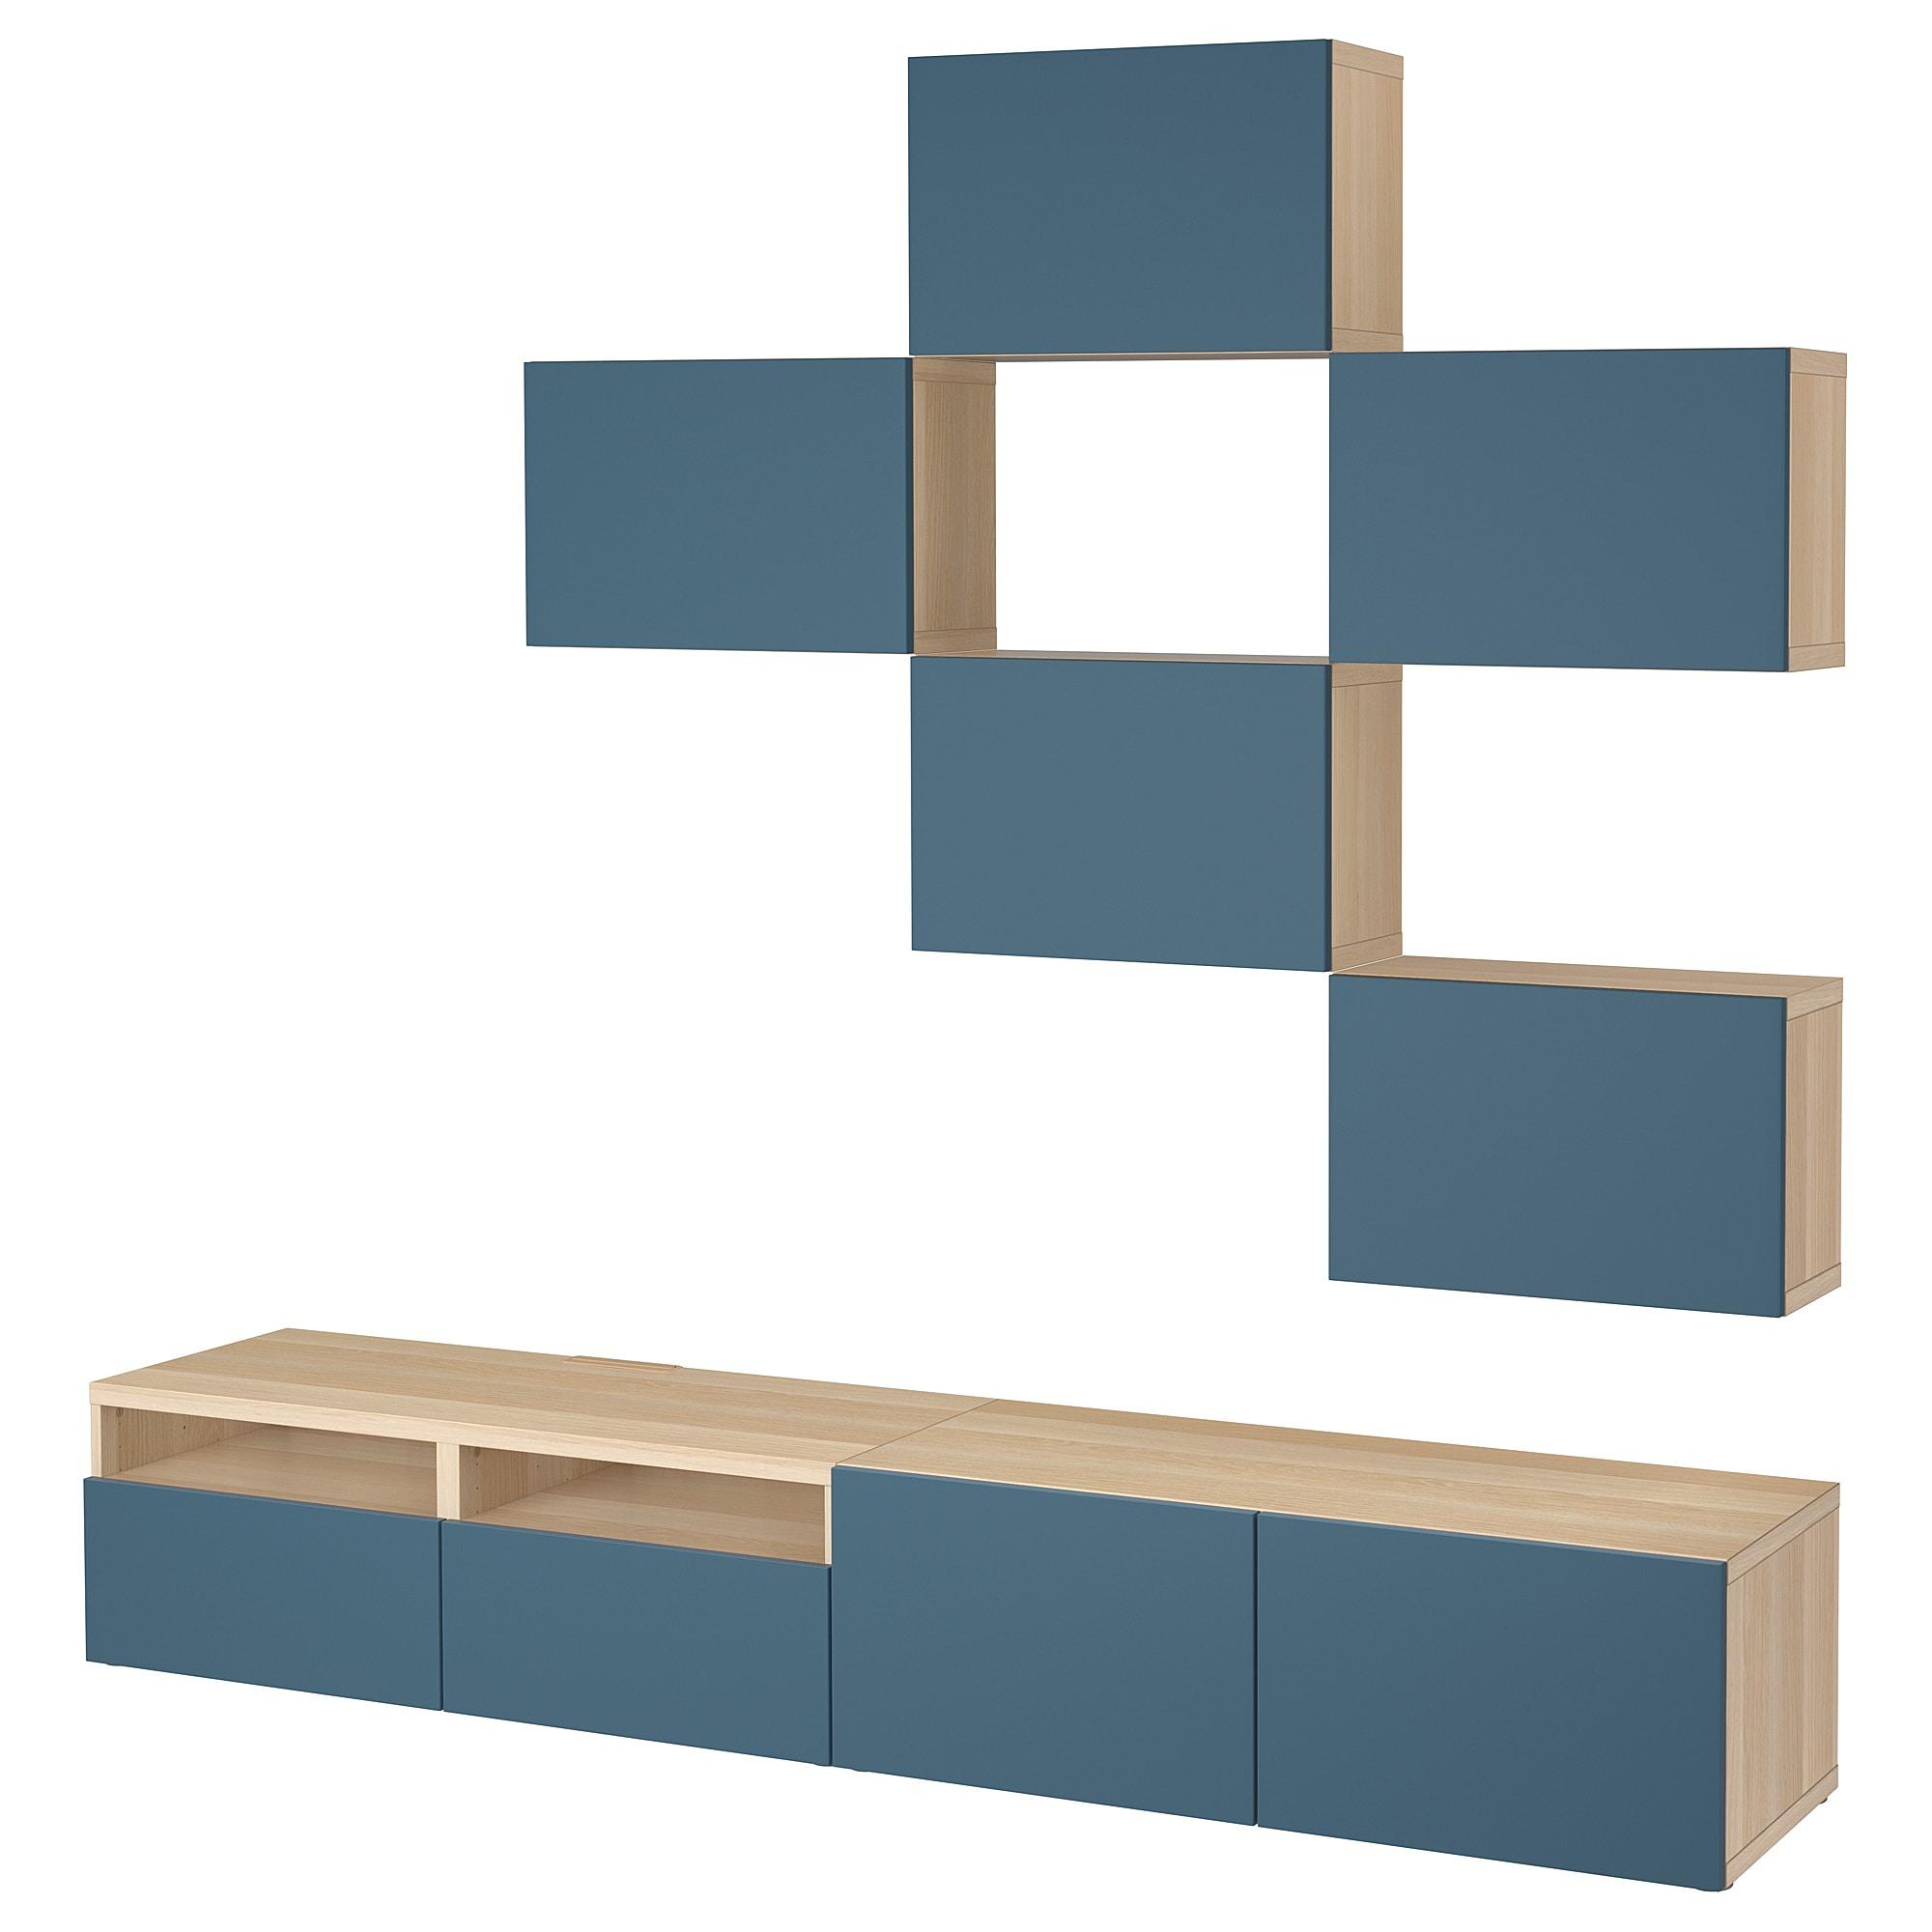 Шкаф для ТВ, комбинация БЕСТО темно-синий артикуль № 792.516.65 в наличии. Интернет магазин ИКЕА Минск. Недорогая доставка и установка.